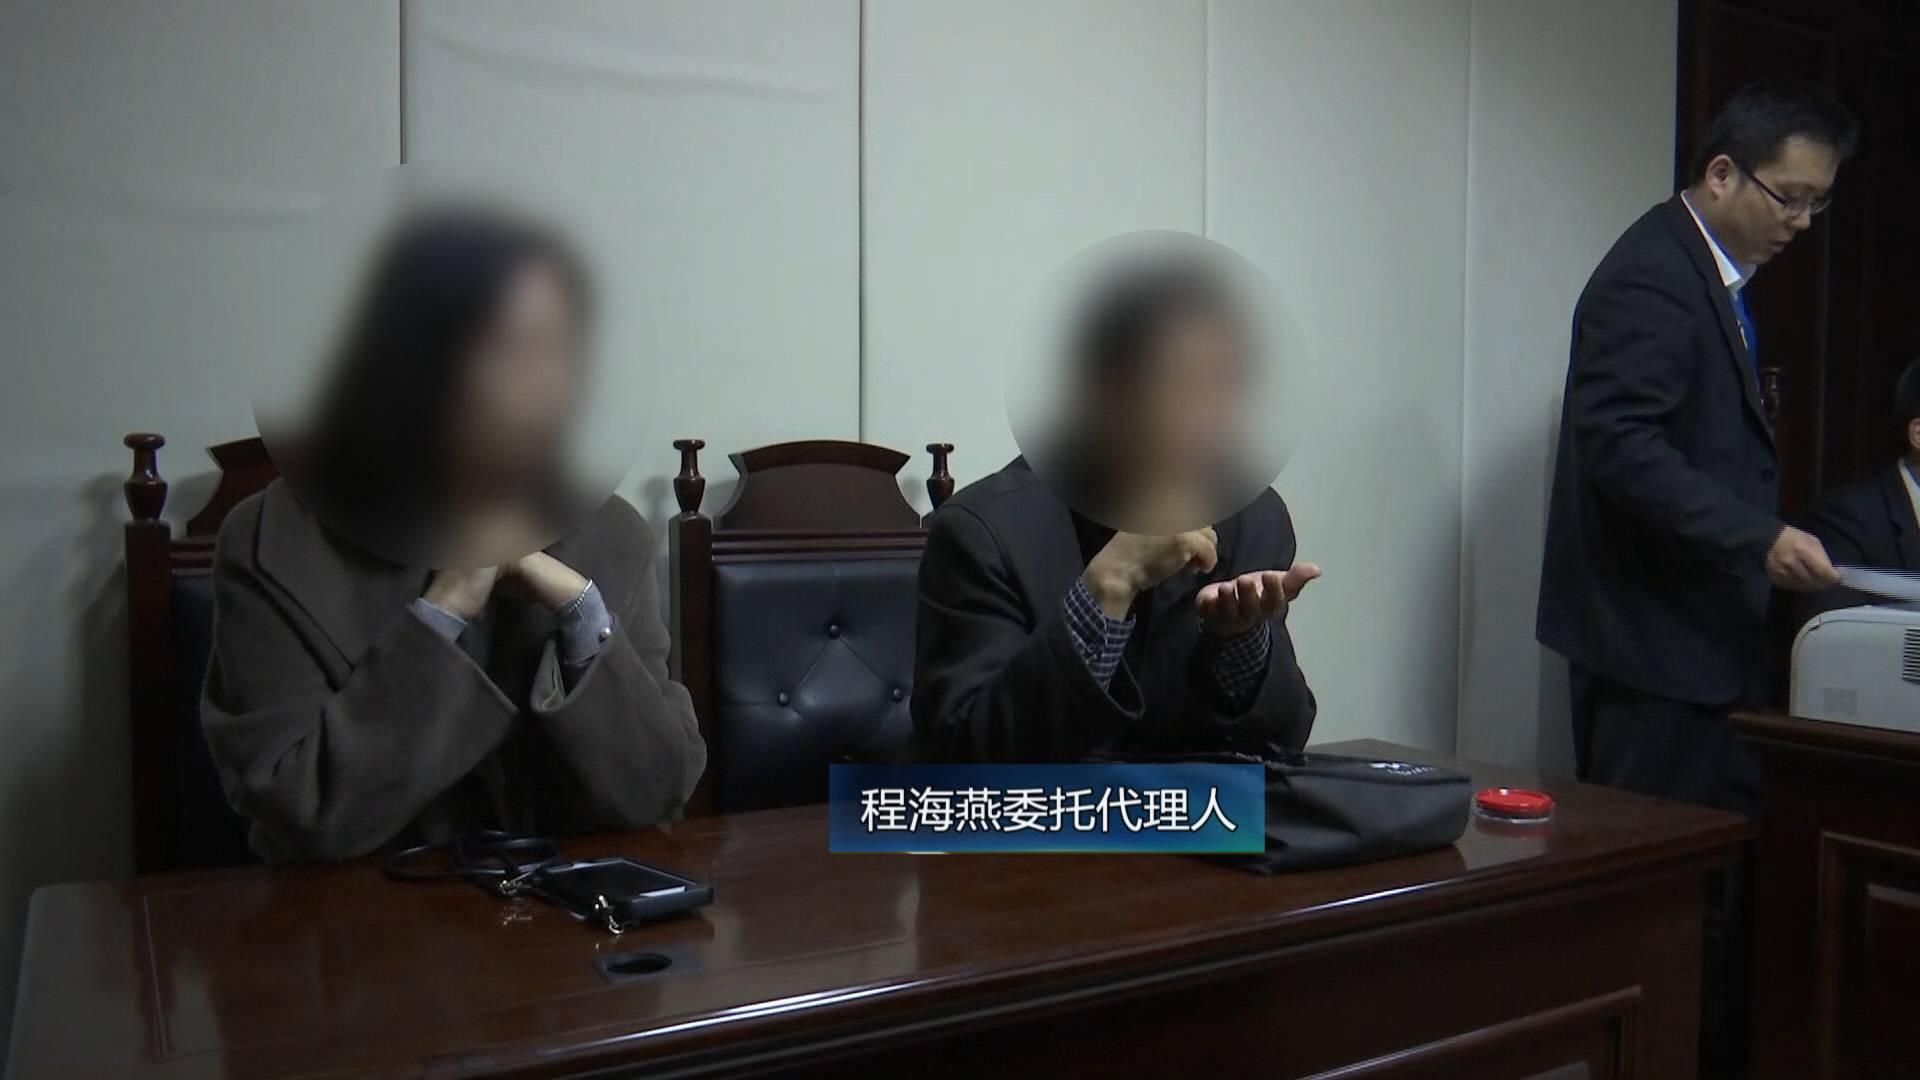 """139秒丨青岛欠款190万""""老赖""""欲抵押房子还债 法院仨理由驳回"""